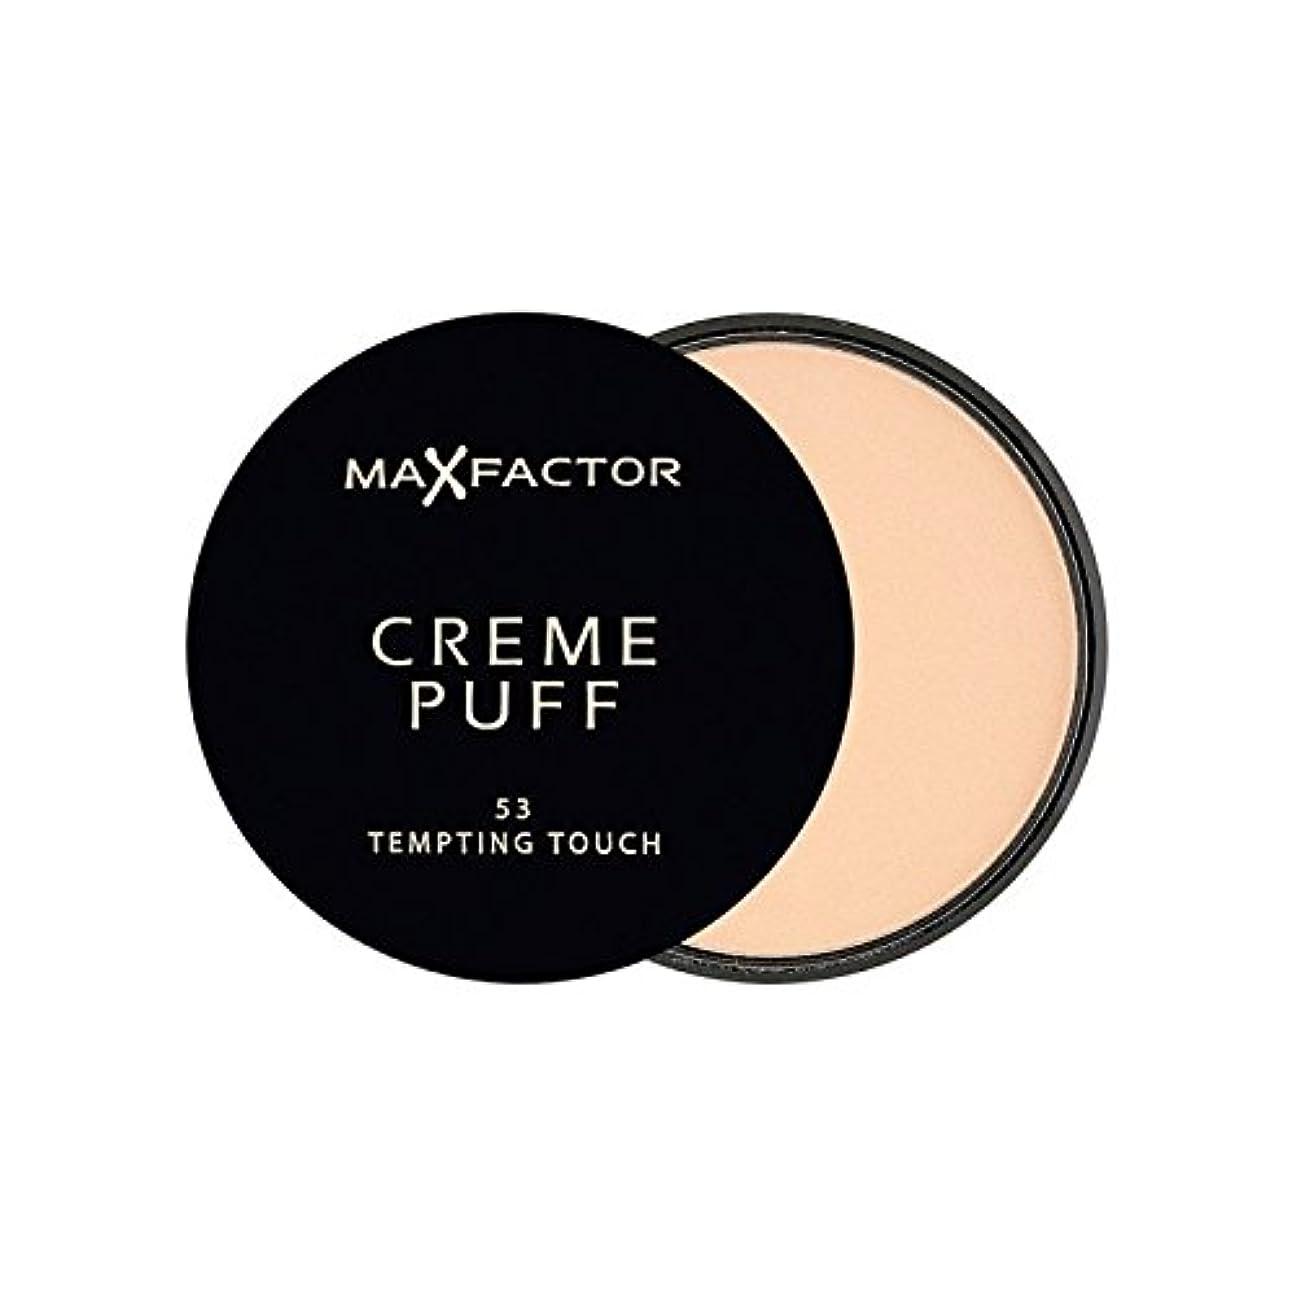 階ステップ泥沼Max Factor Creme Puff Powder Compact Tempting Touch 53 - マックスファクタークリームパフパウダーコンパクト魅力的なタッチ53 [並行輸入品]